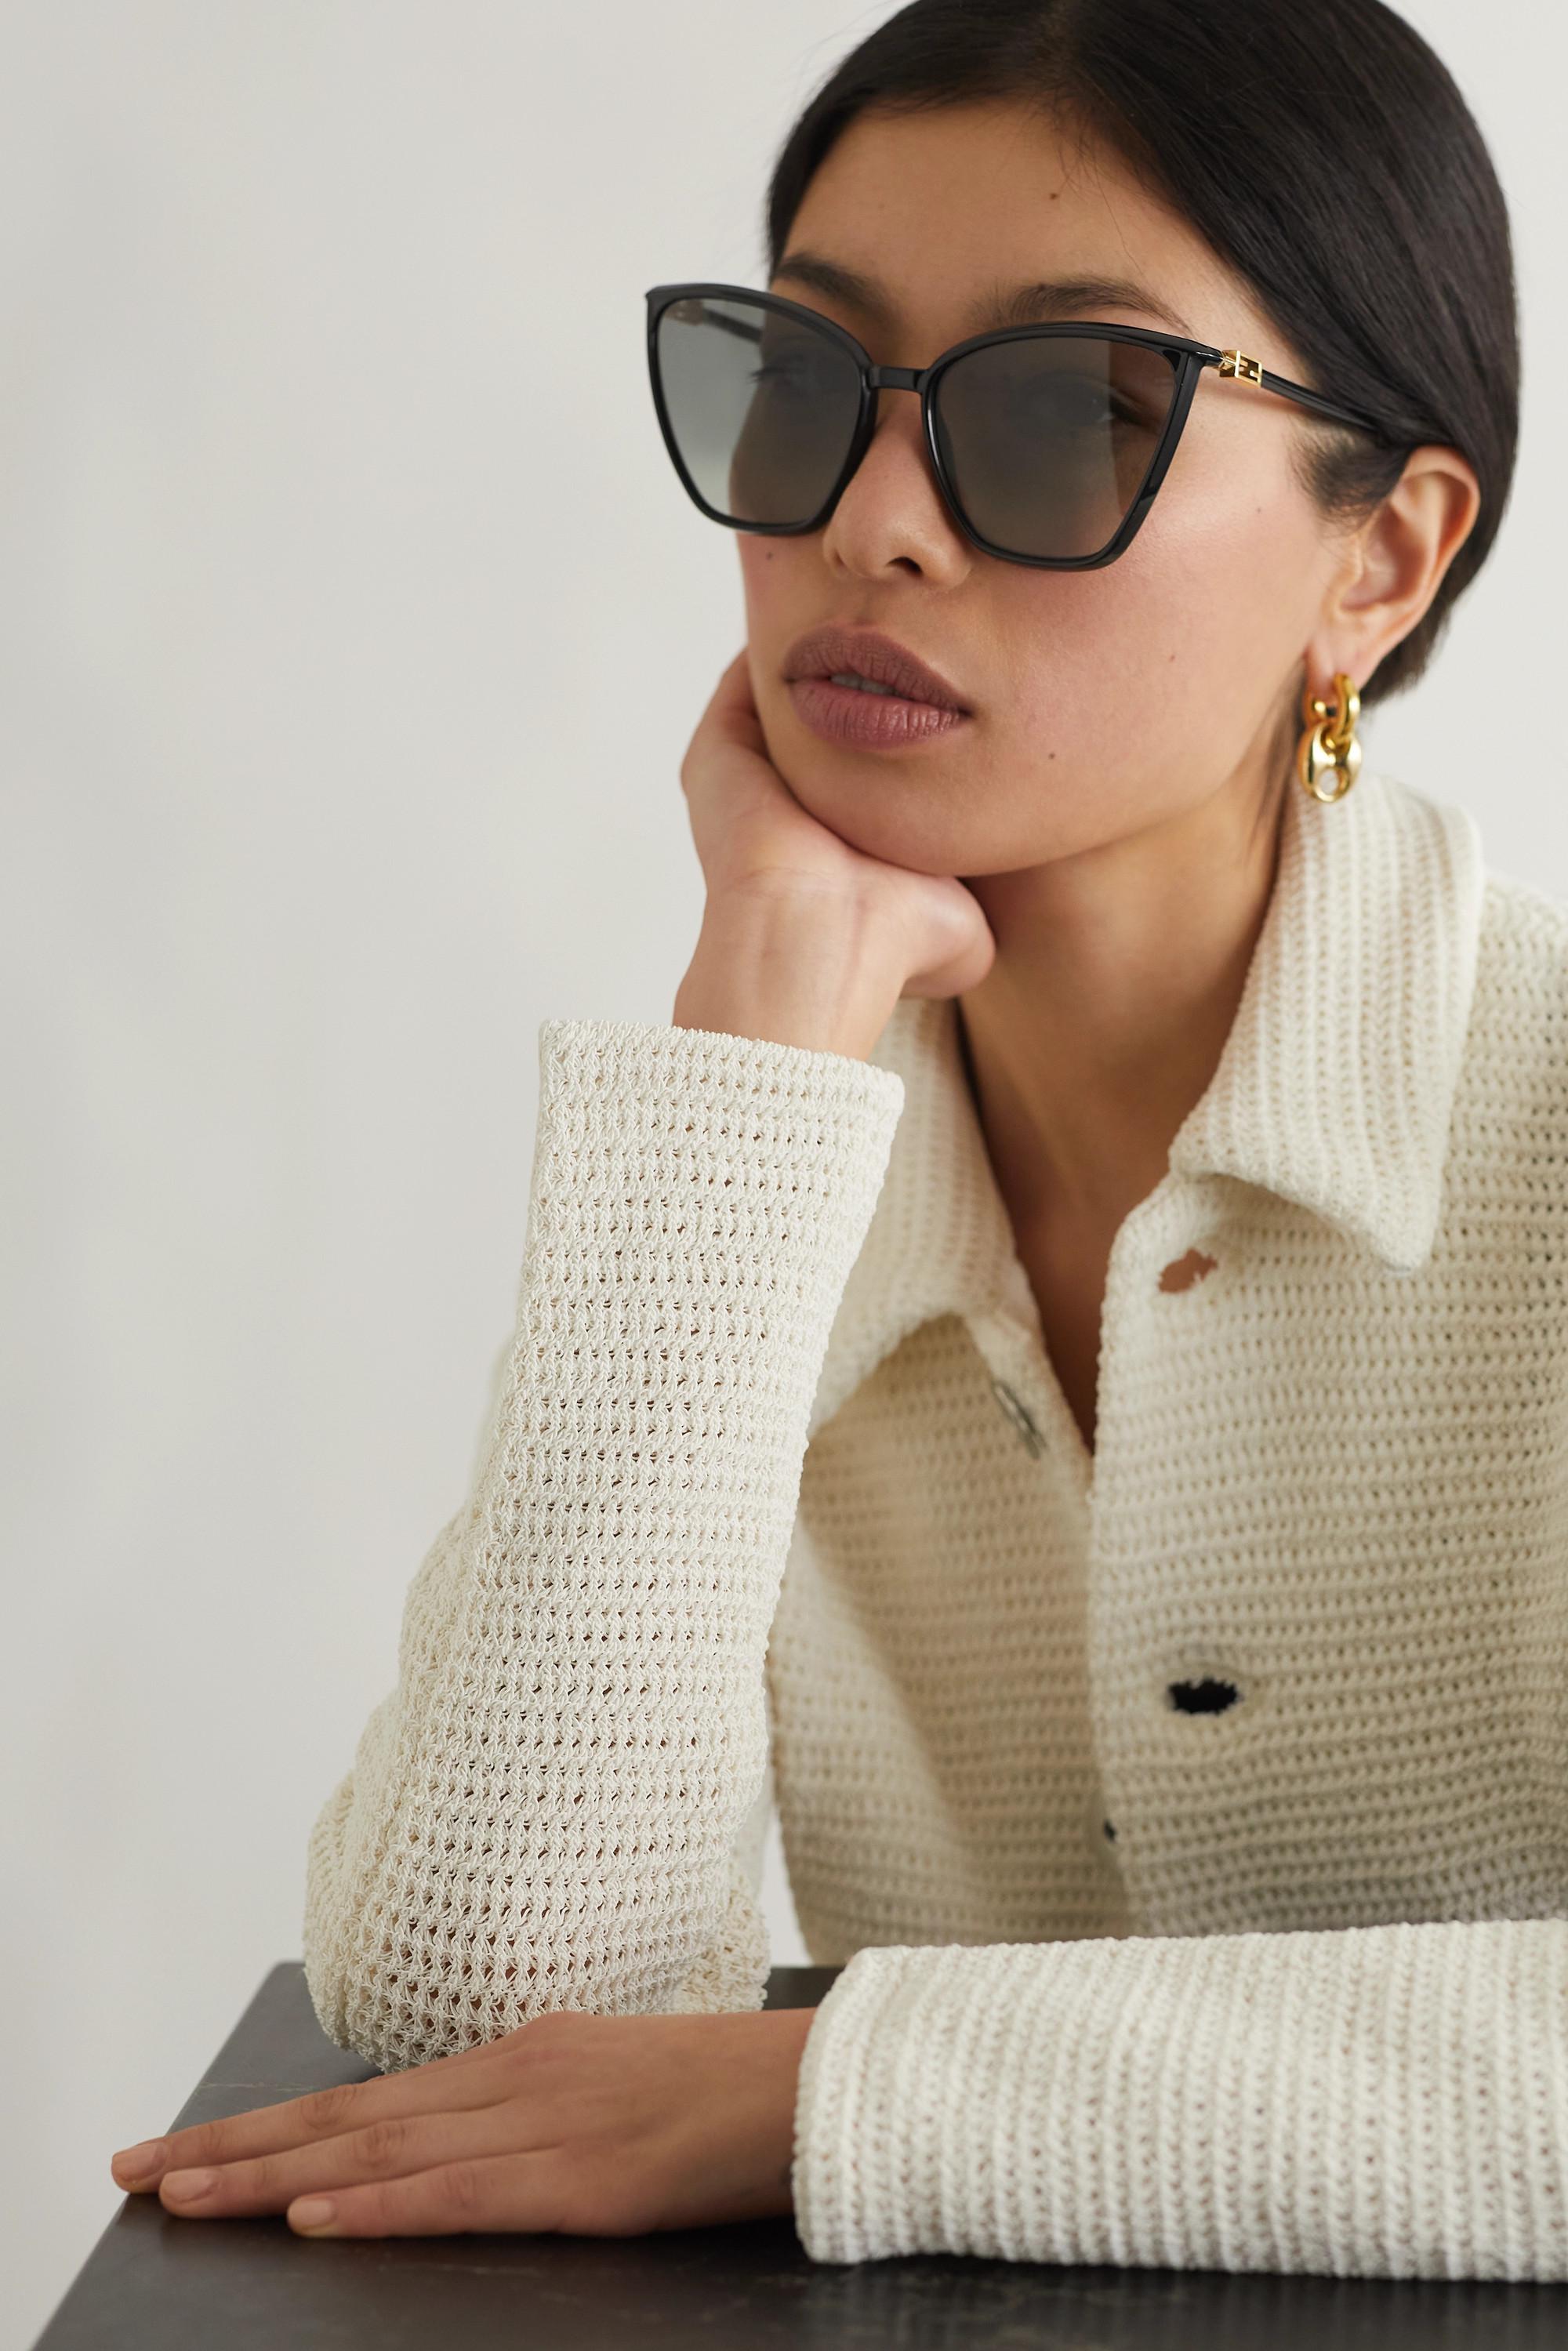 Fendi Sonnenbrille mit Cat-Eye-Rahmen aus Azetat mit goldfarbenen Details